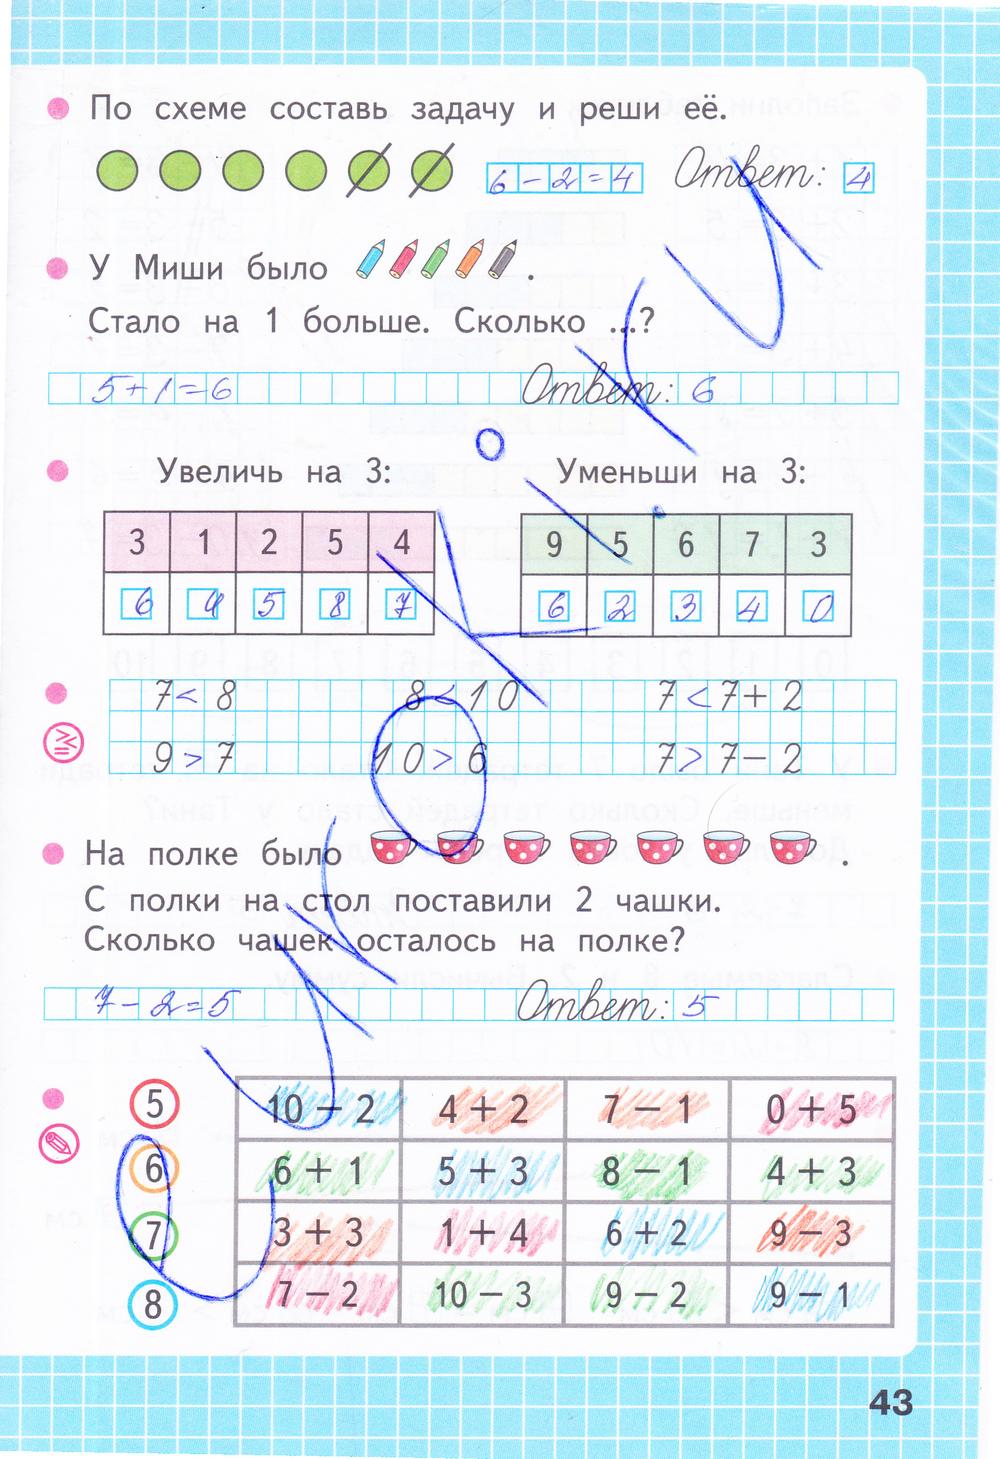 ГДЗ по математике 1 класс рабочая тетрадь Моро, Волкова Часть 1, 2. Задание: стр. 43